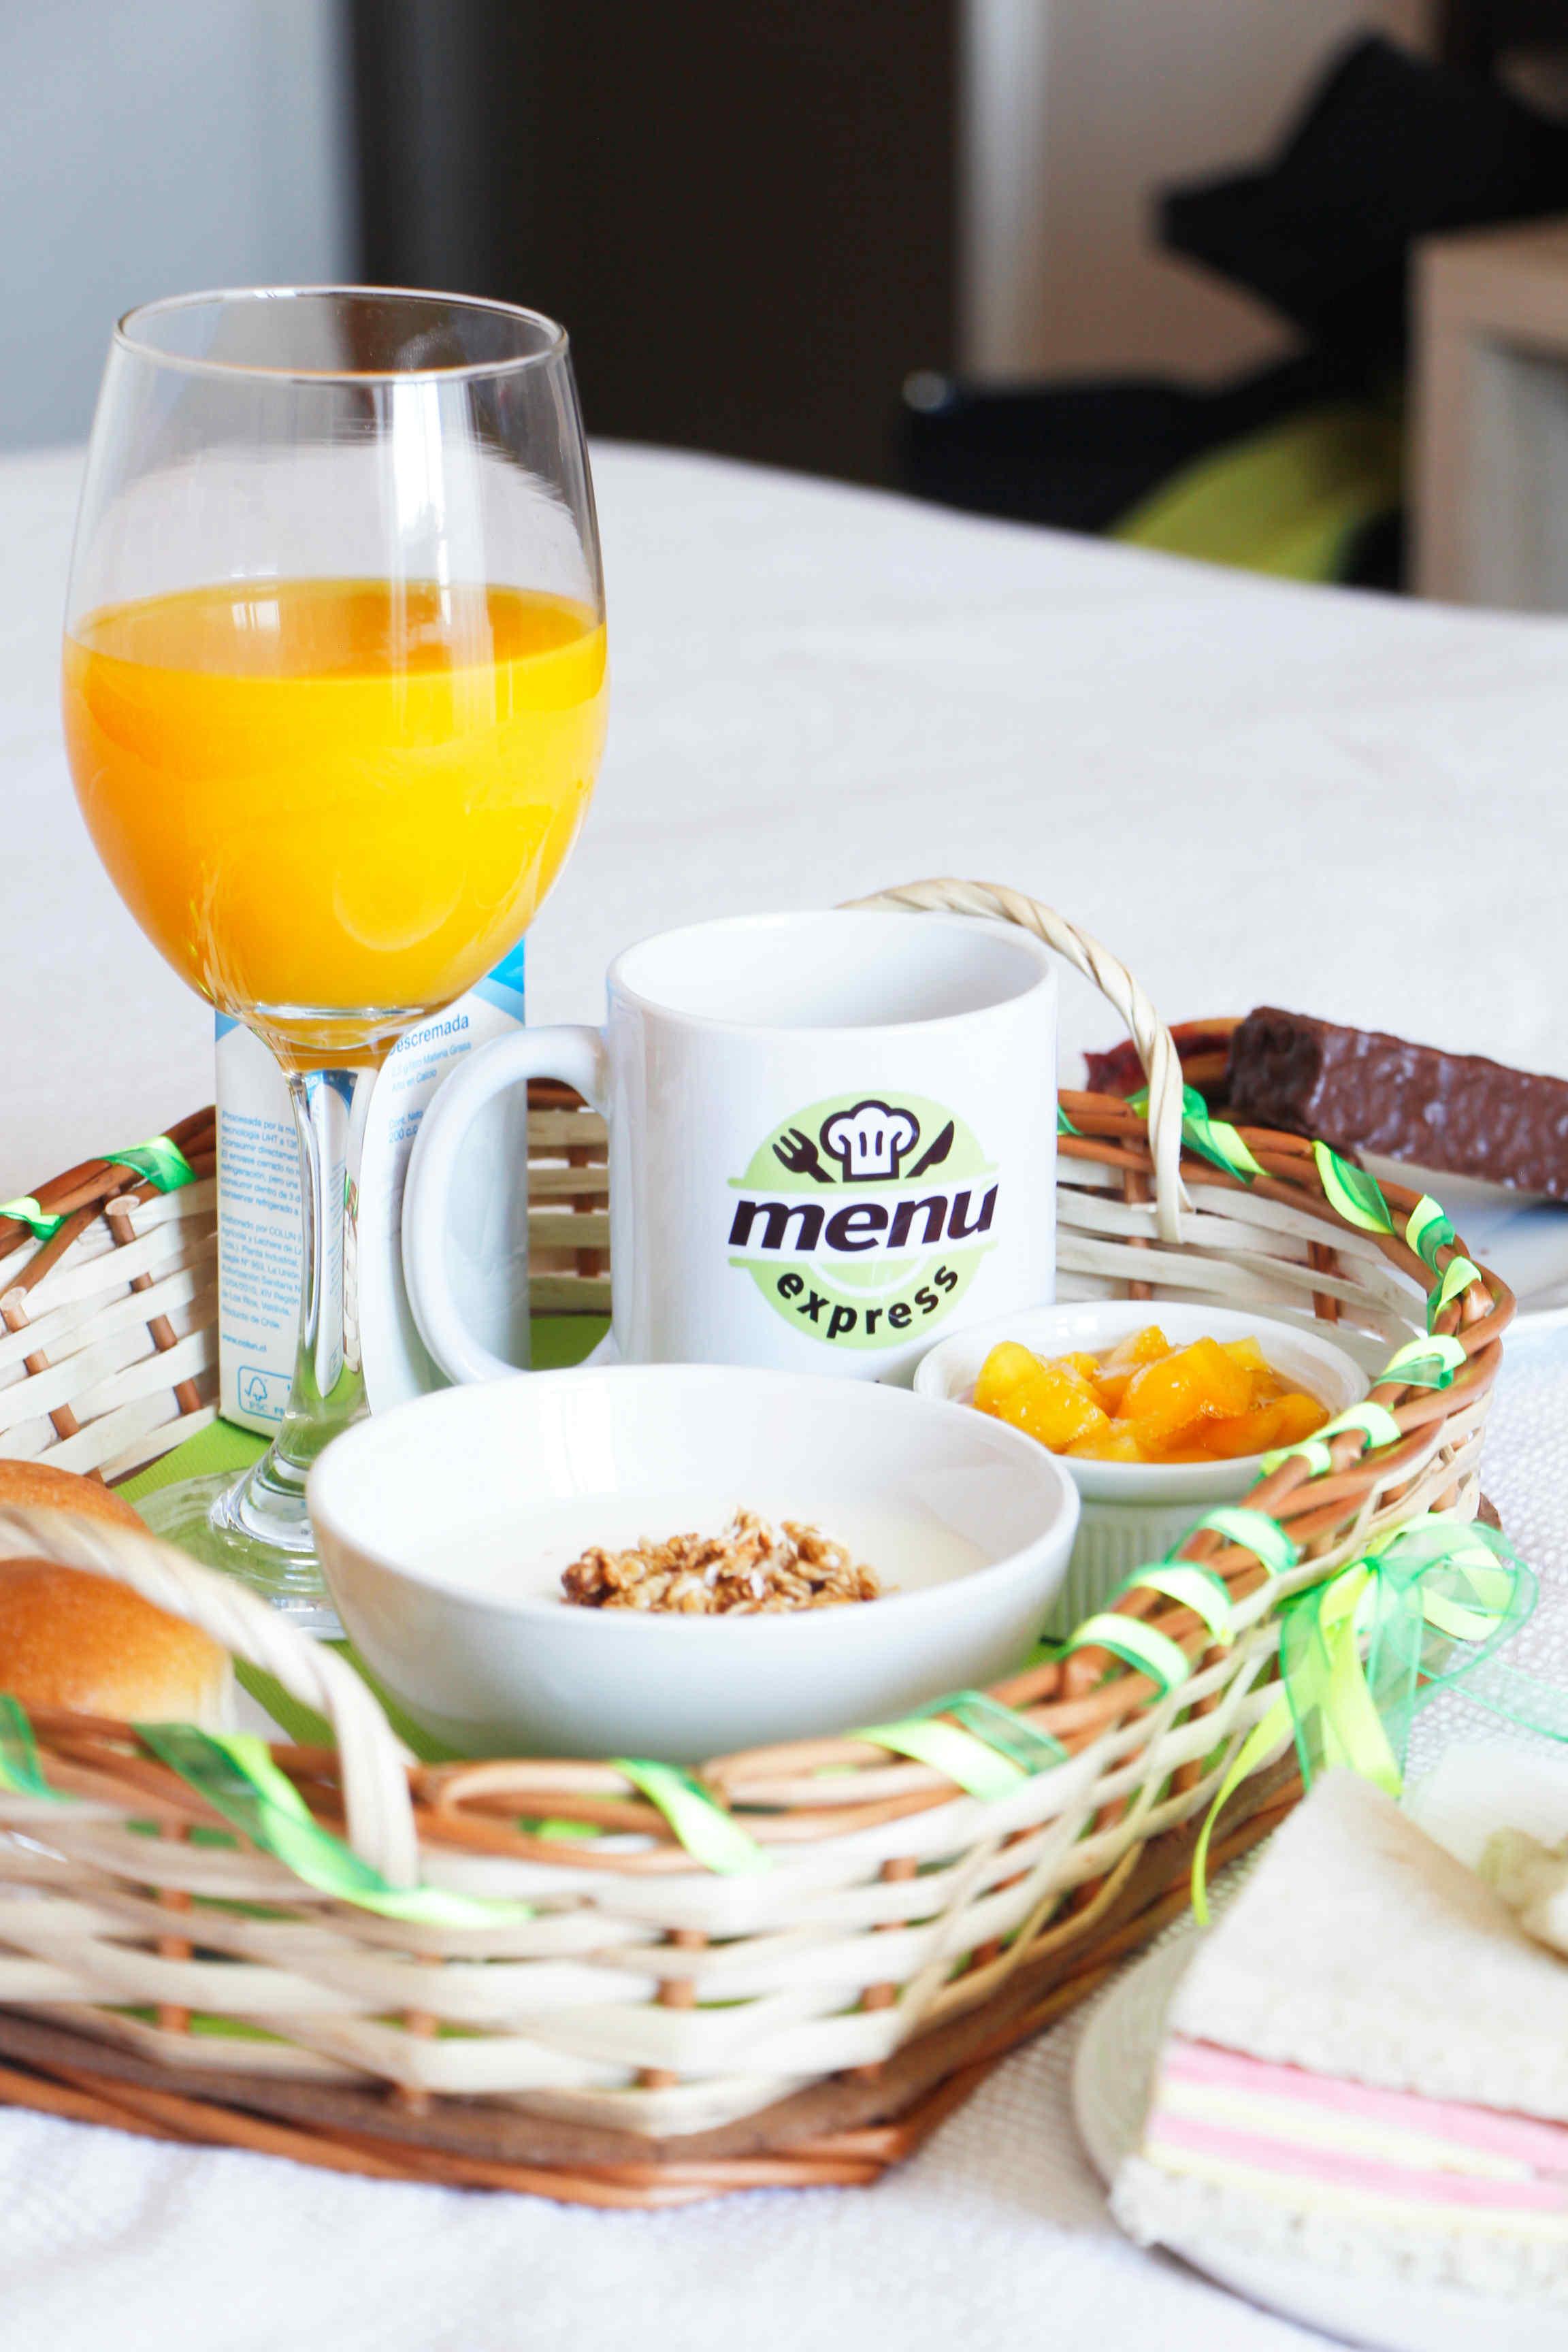 Día de la madre: Desayunos para mamá en su día - CLUB MAGAZINE